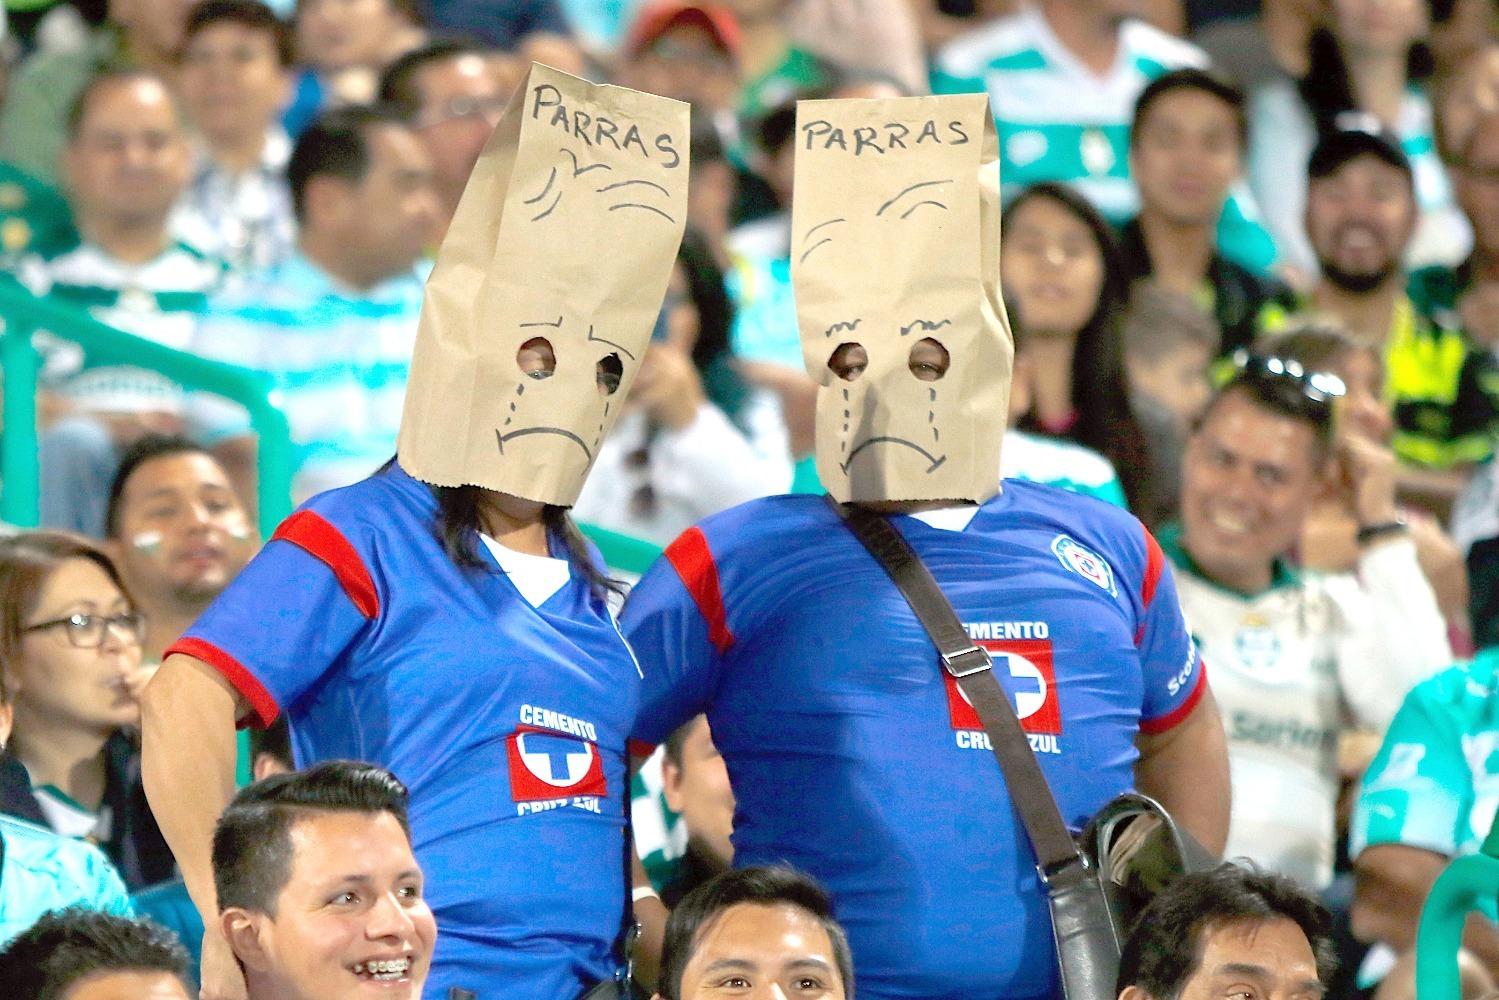 Santos invita a los aficionados de Cruz Azul para cambiarse de equipo